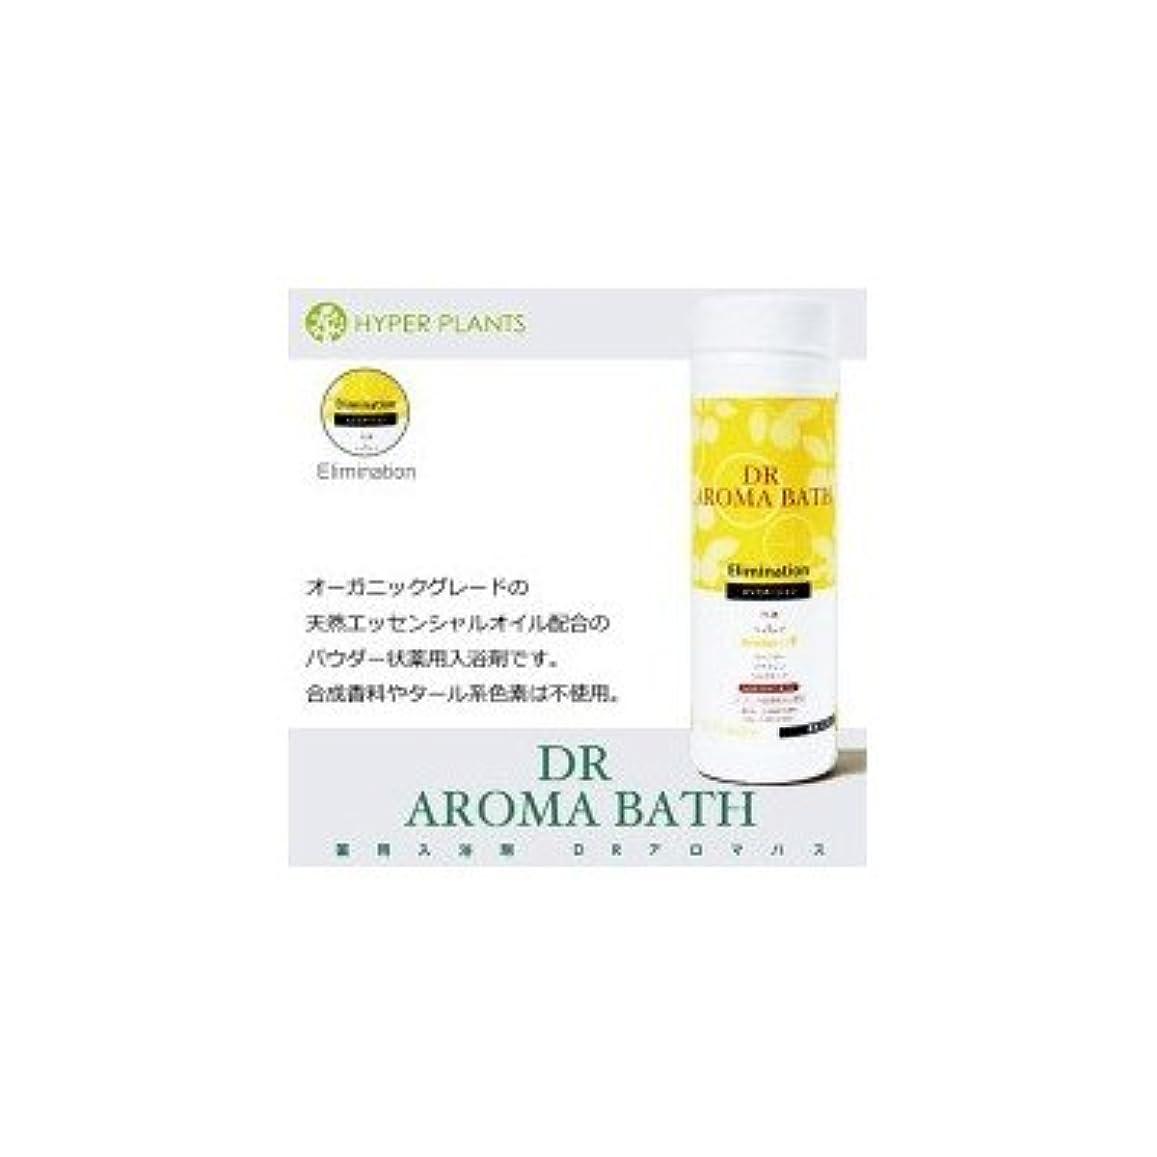 医薬部外品 薬用入浴剤 ハイパープランツ(HYPER PLANTS) DRアロマバス エリミネーション 500g HNB006